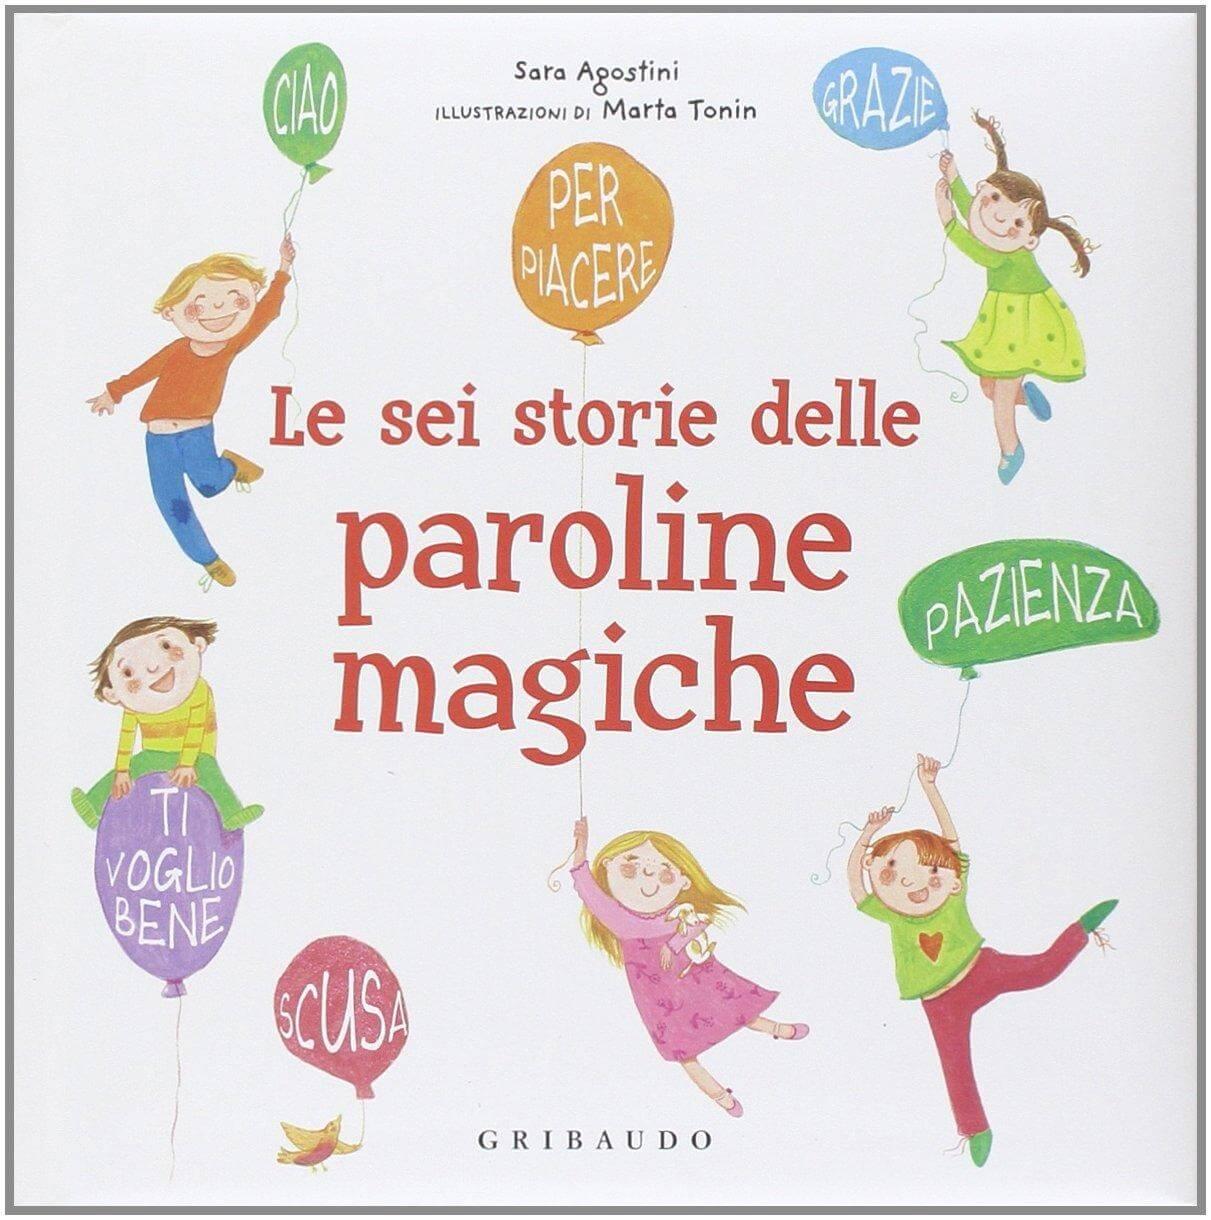 Le sei storie delle paroline magiche di Sara Agostini - Le più belle storie per bambini di 3 e 4 anni